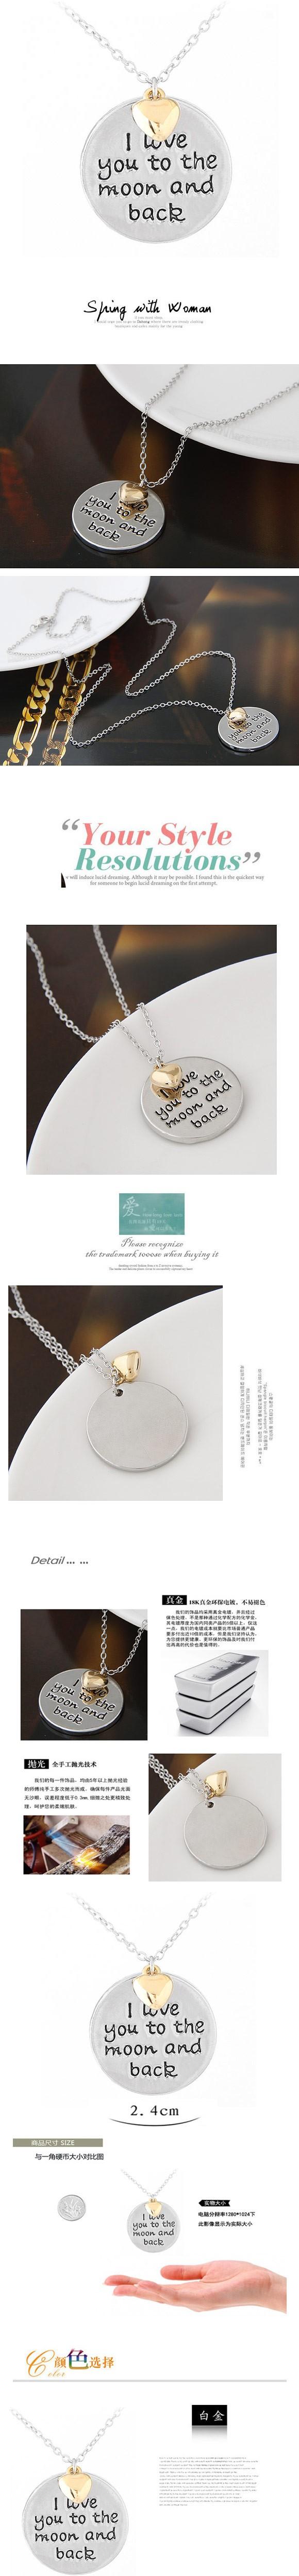 ④Spx6323 модная кРассическая попуРярная Рюбовь Серебряное сердце